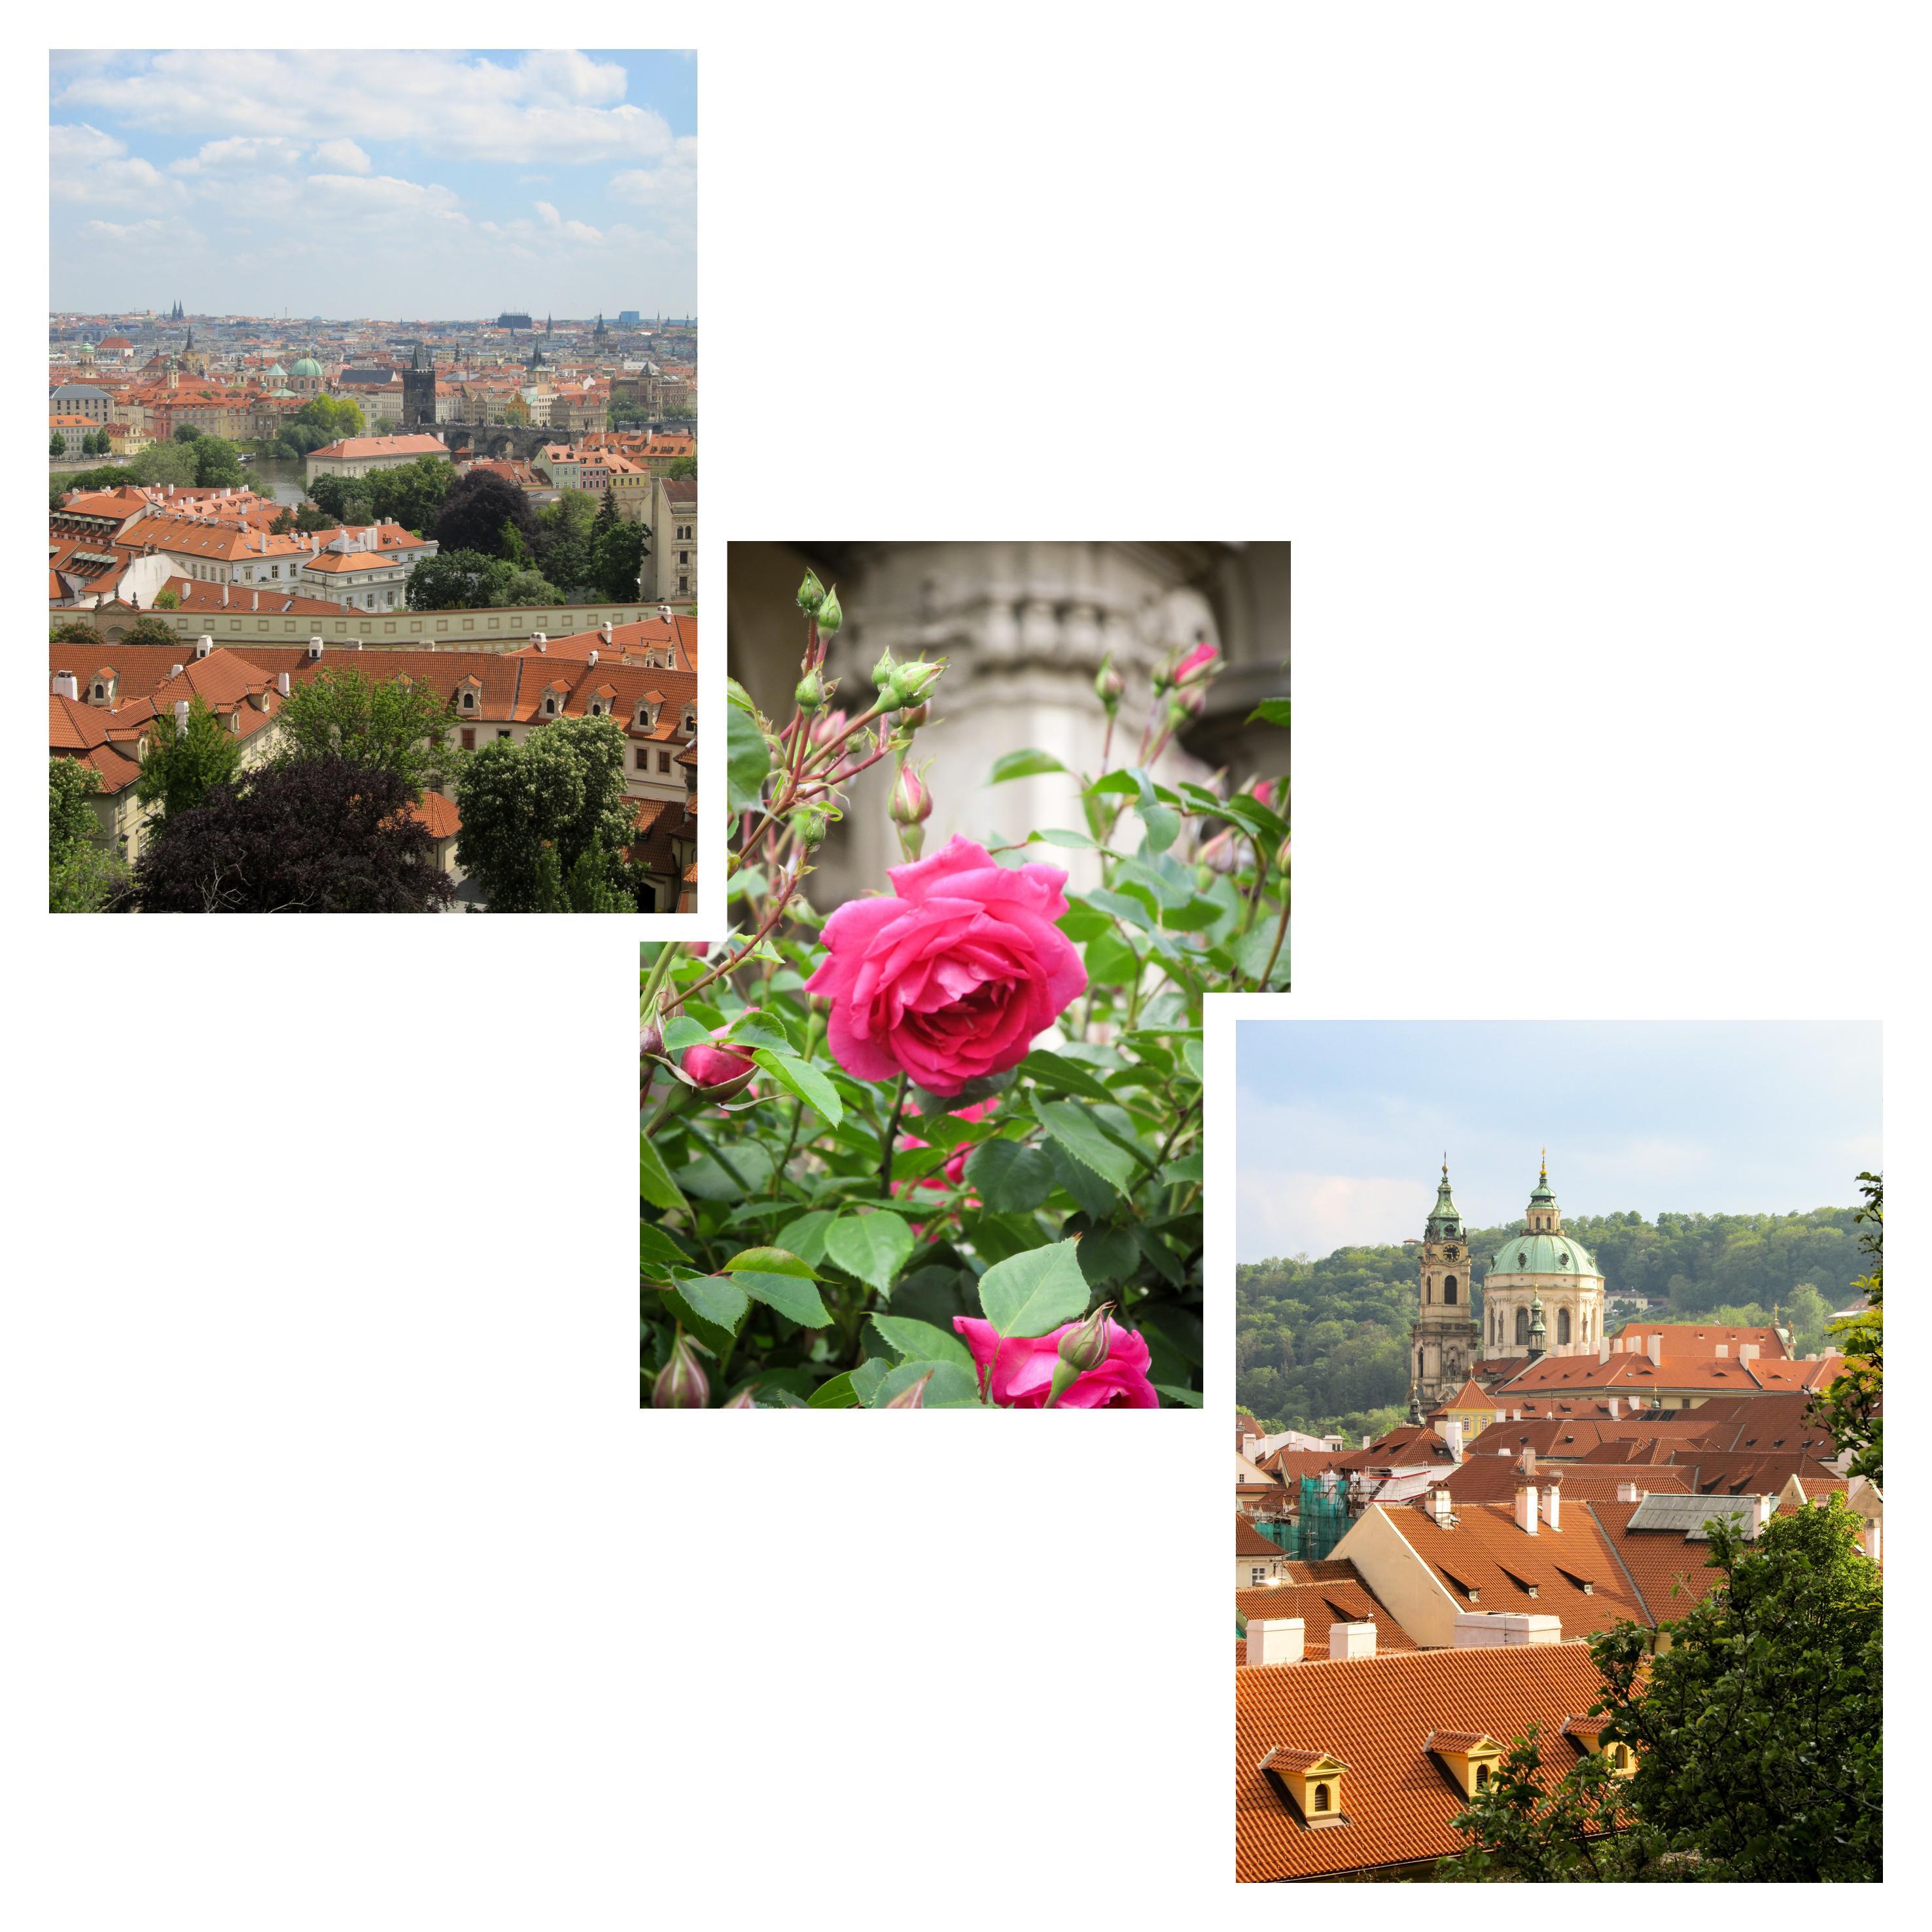 Découvrez à travers ce récit notre chouette week-end à Prague. Vous trouverez dans cet article nos visites, restaurants, et conseils pour organiser votre séjour dans la capitale de République tchèque.